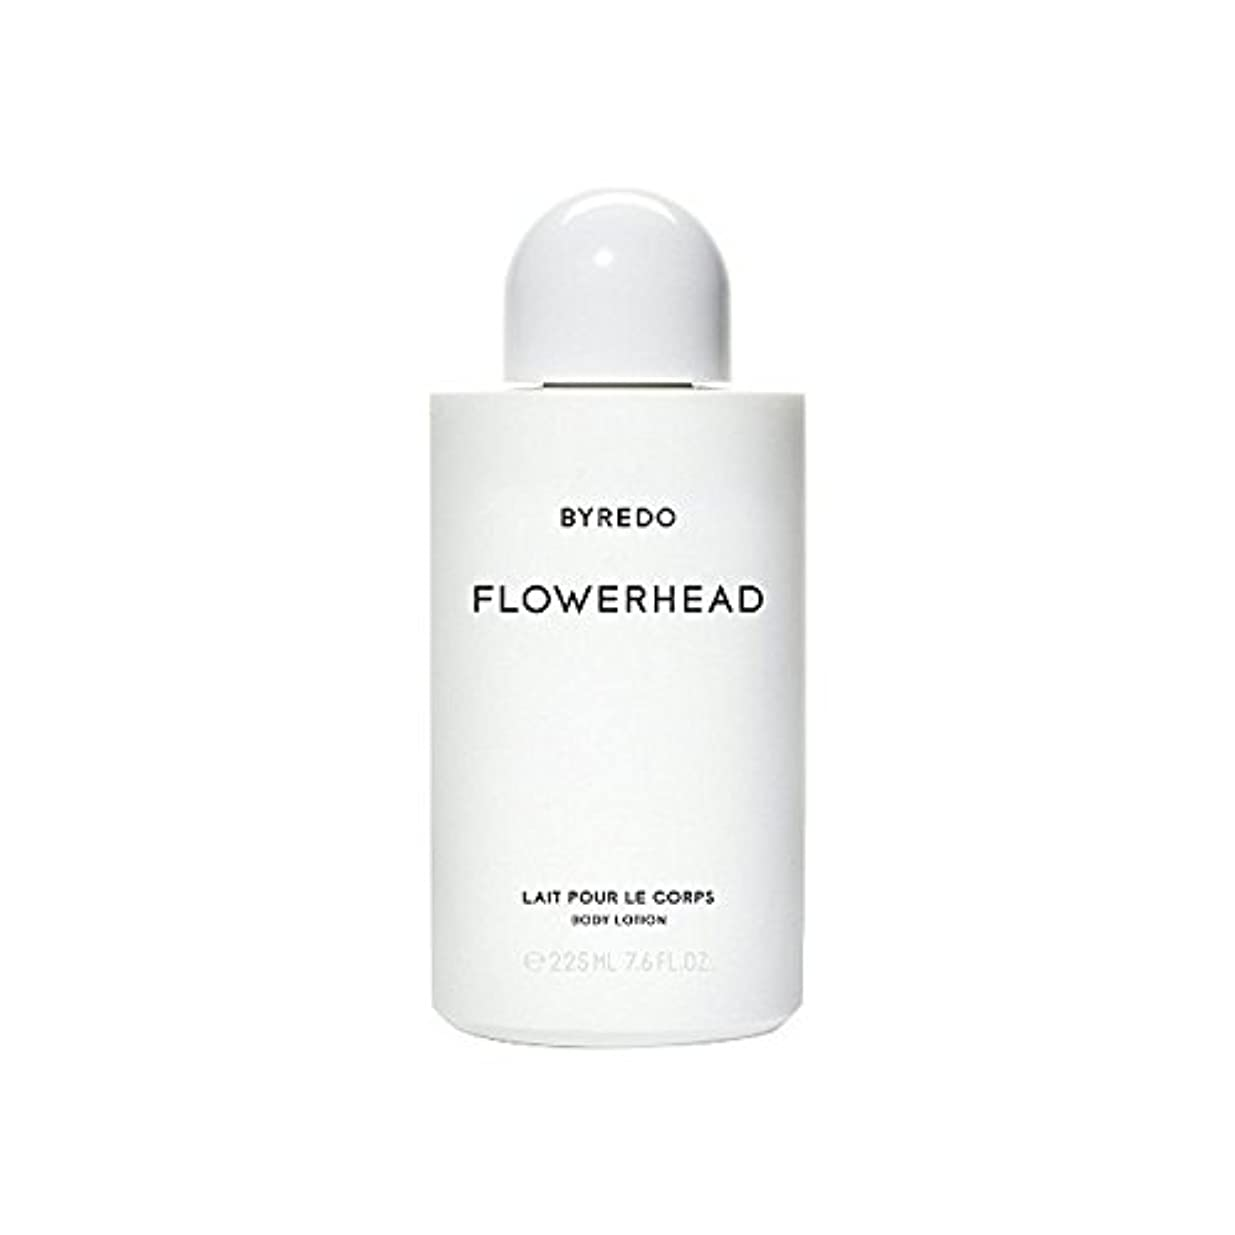 ドキュメンタリー米ドル音声Byredo Flowerhead Body Lotion 225ml - ボディローション225ミリリットル [並行輸入品]